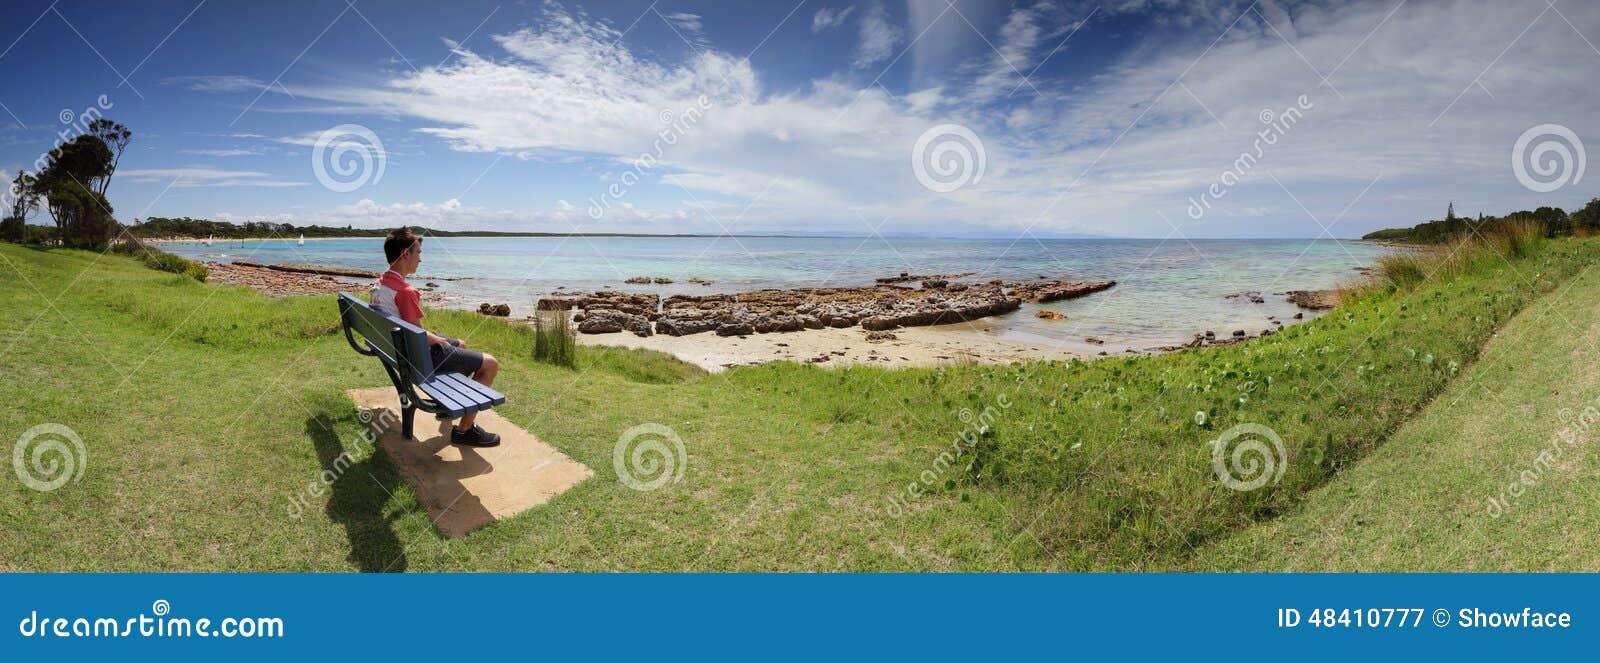 Visitante turístico que admira la playa Australia de Currarong de las opiniones